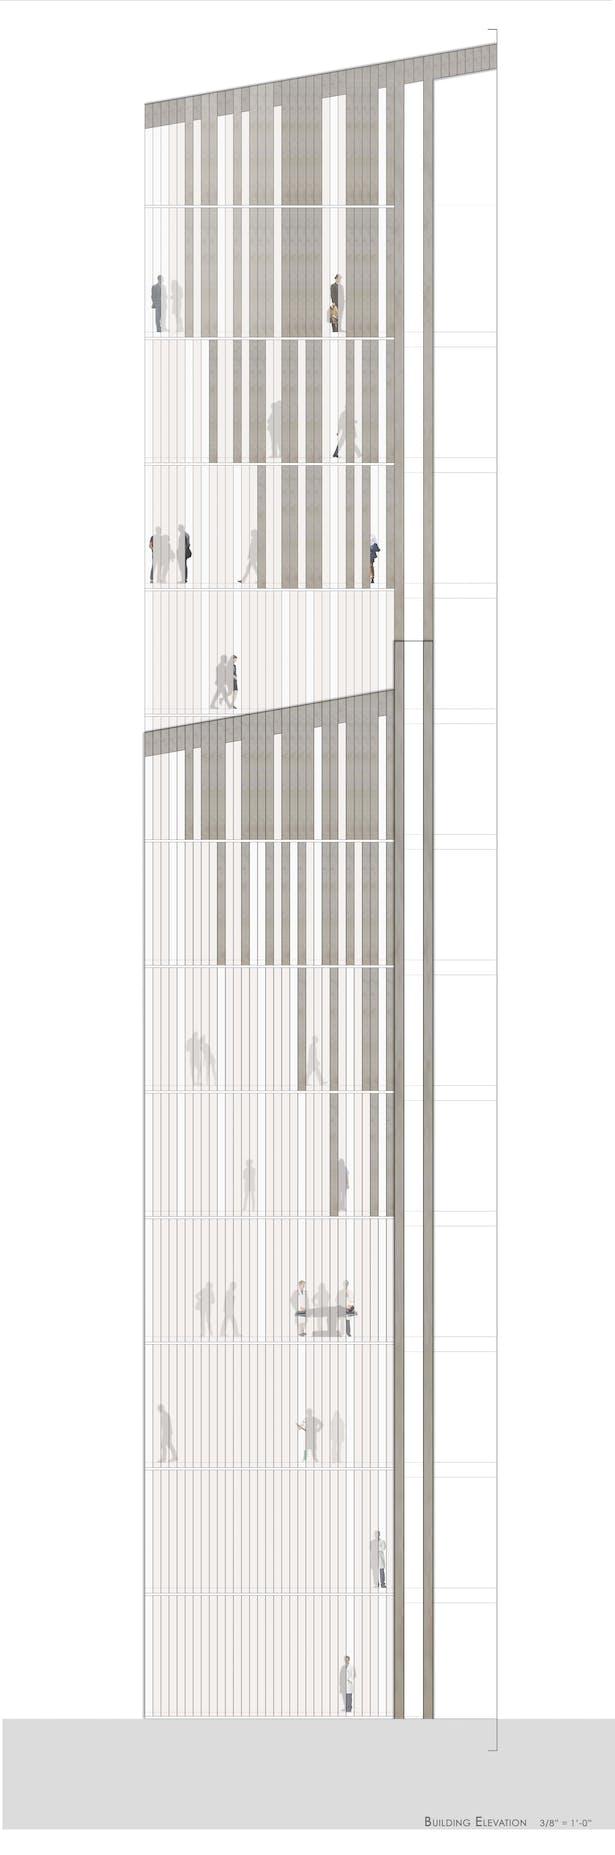 URBAN: Partial Building Elevation